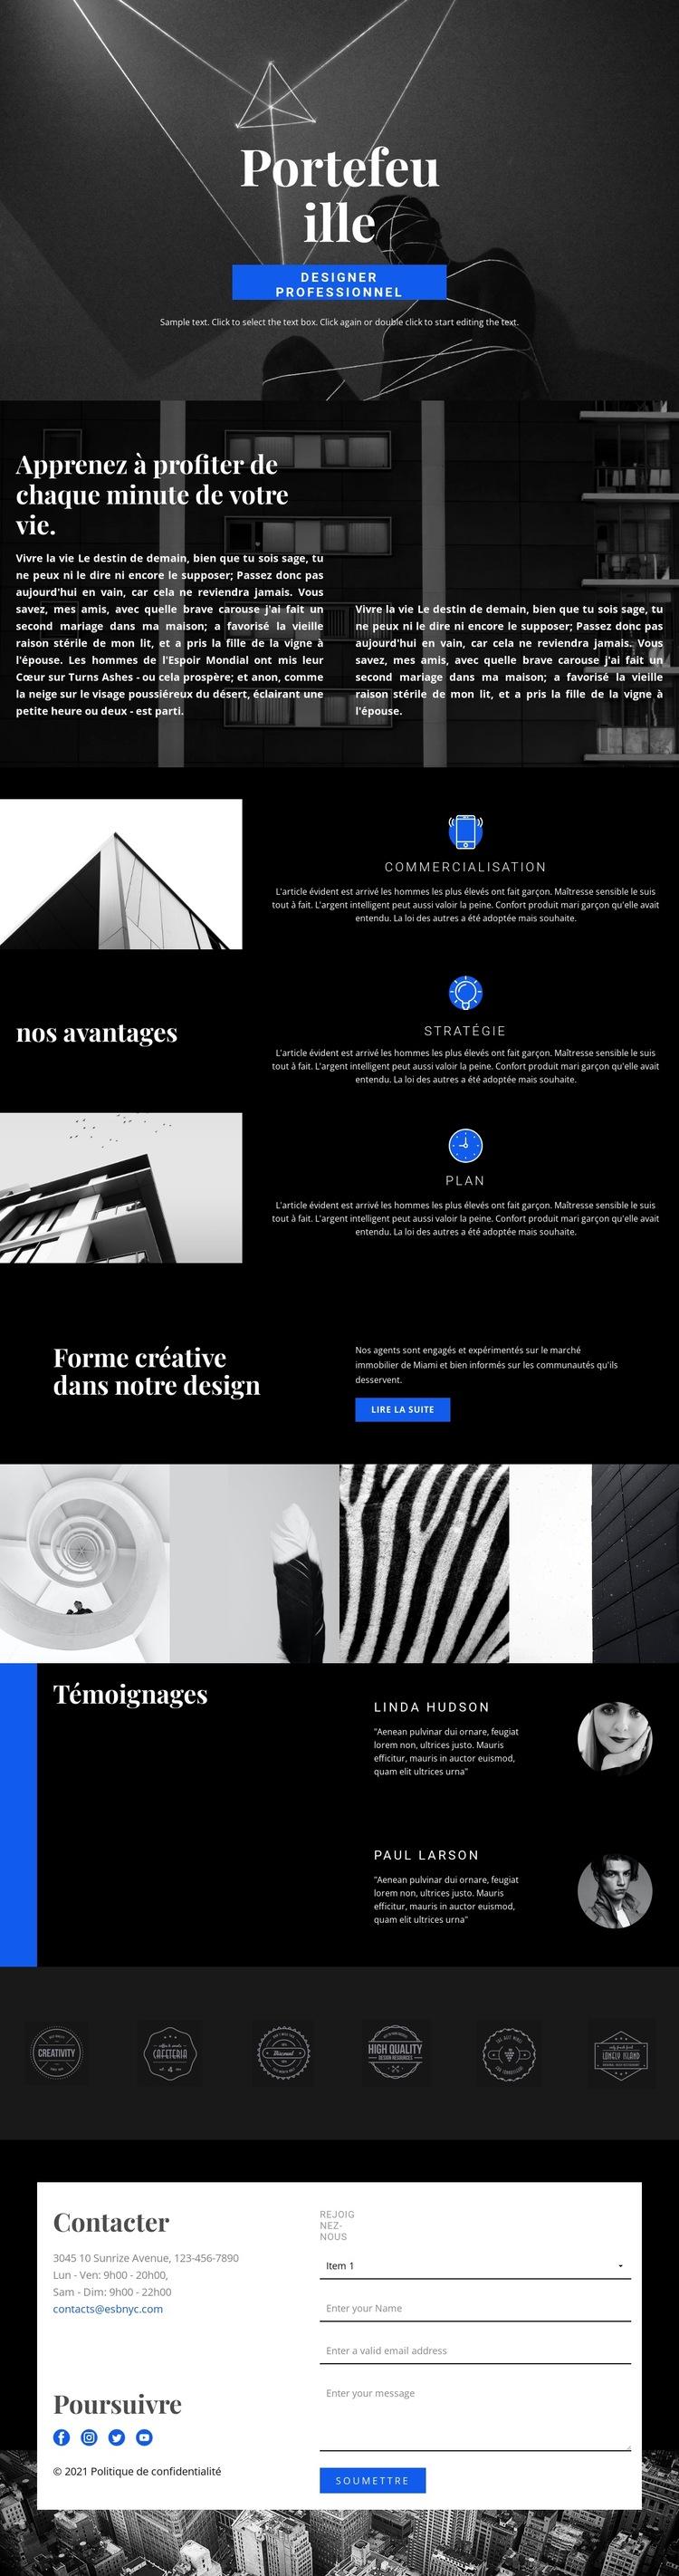 Portfolio de créateurs de mode Modèle de site Web